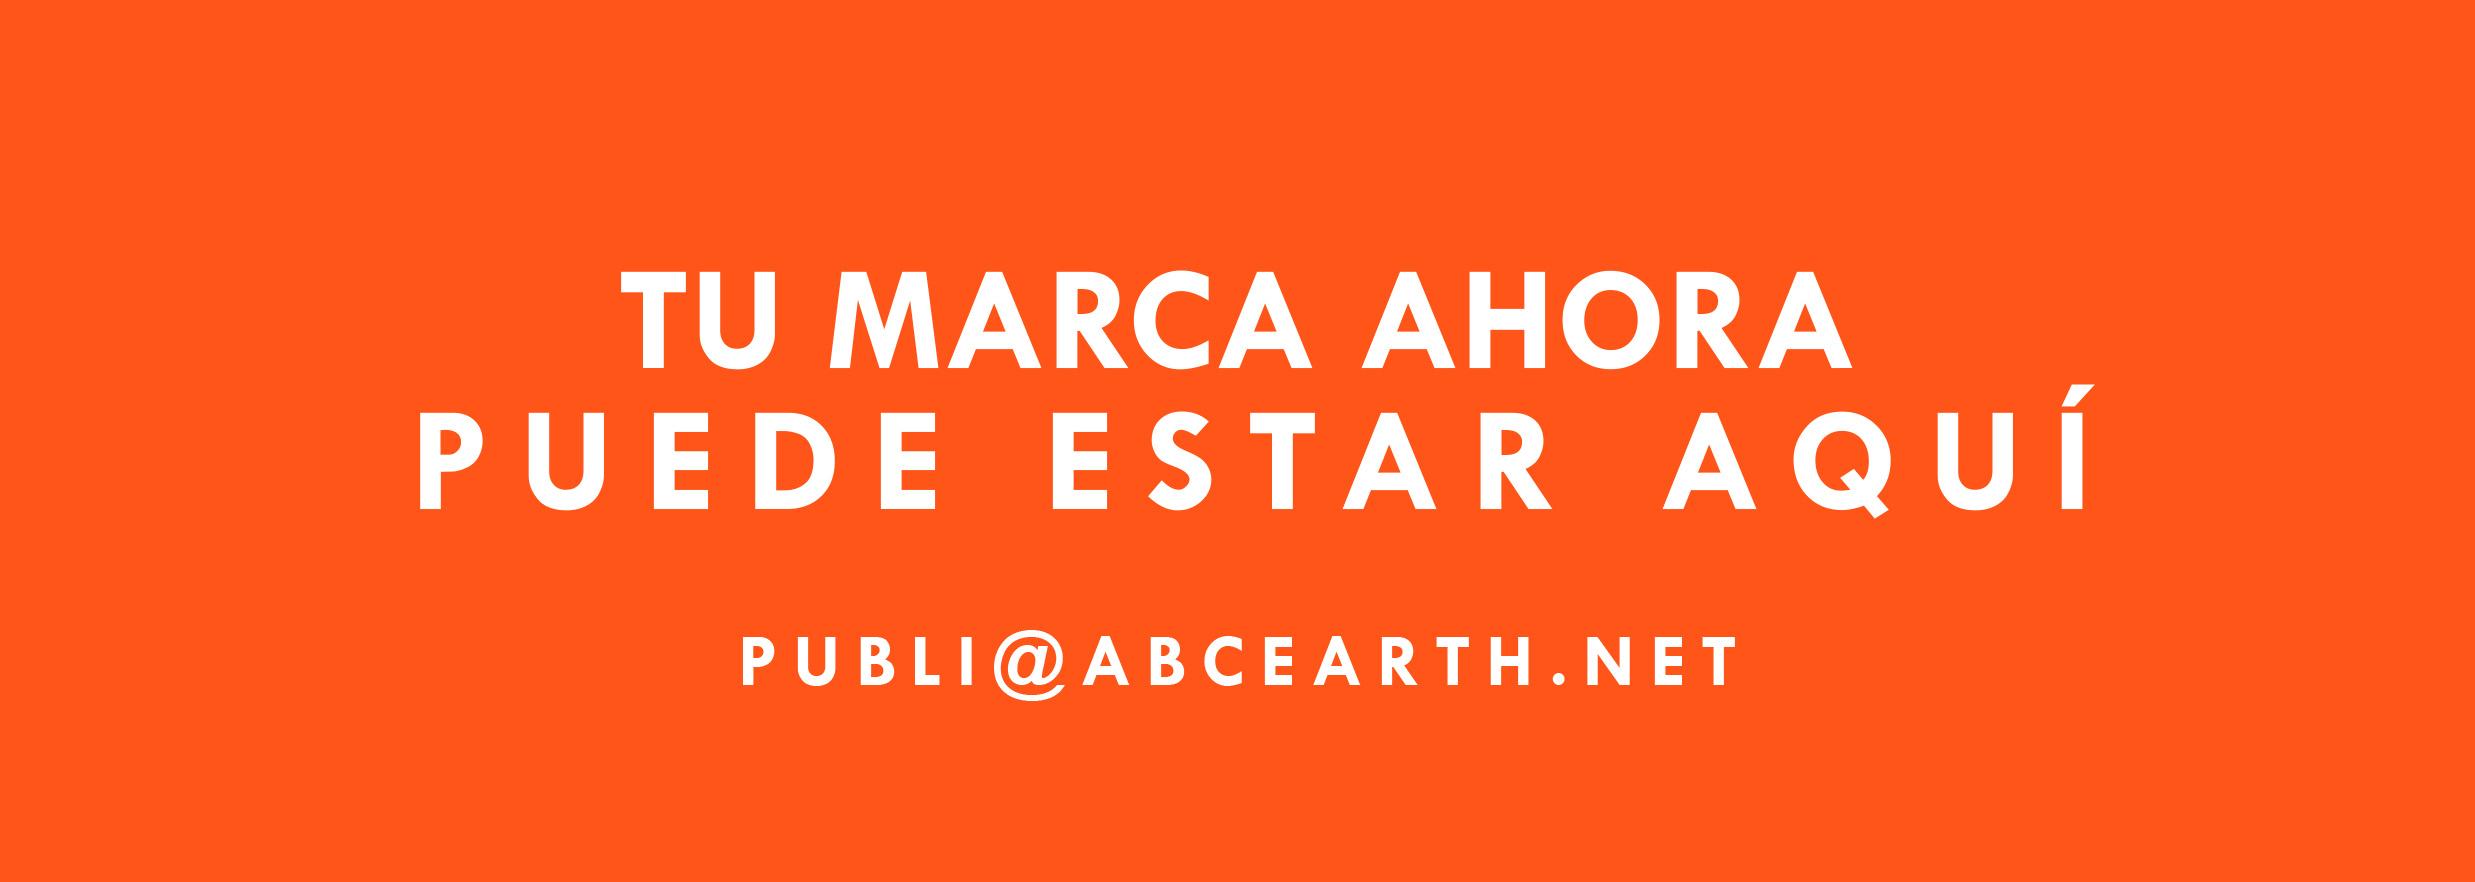 Publicidad ABC Earth